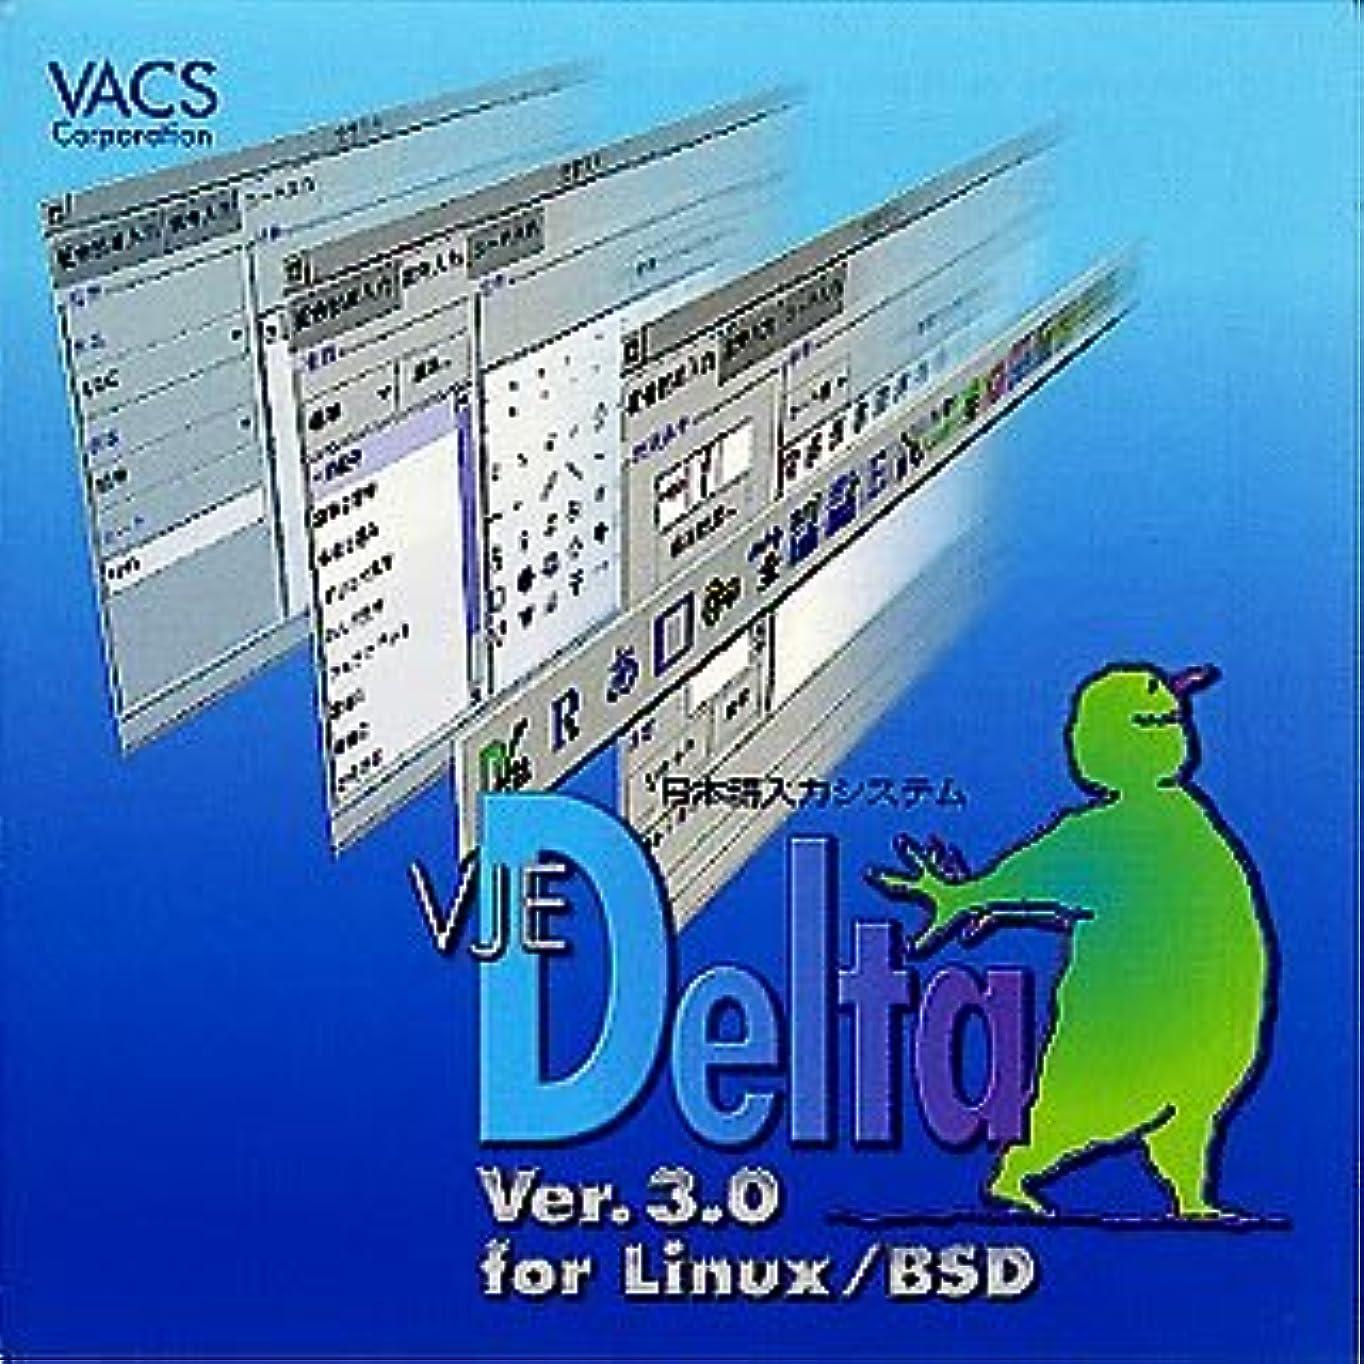 名門通常膨らませるVJE-Delta Ver.3.0 For Linux/BSD